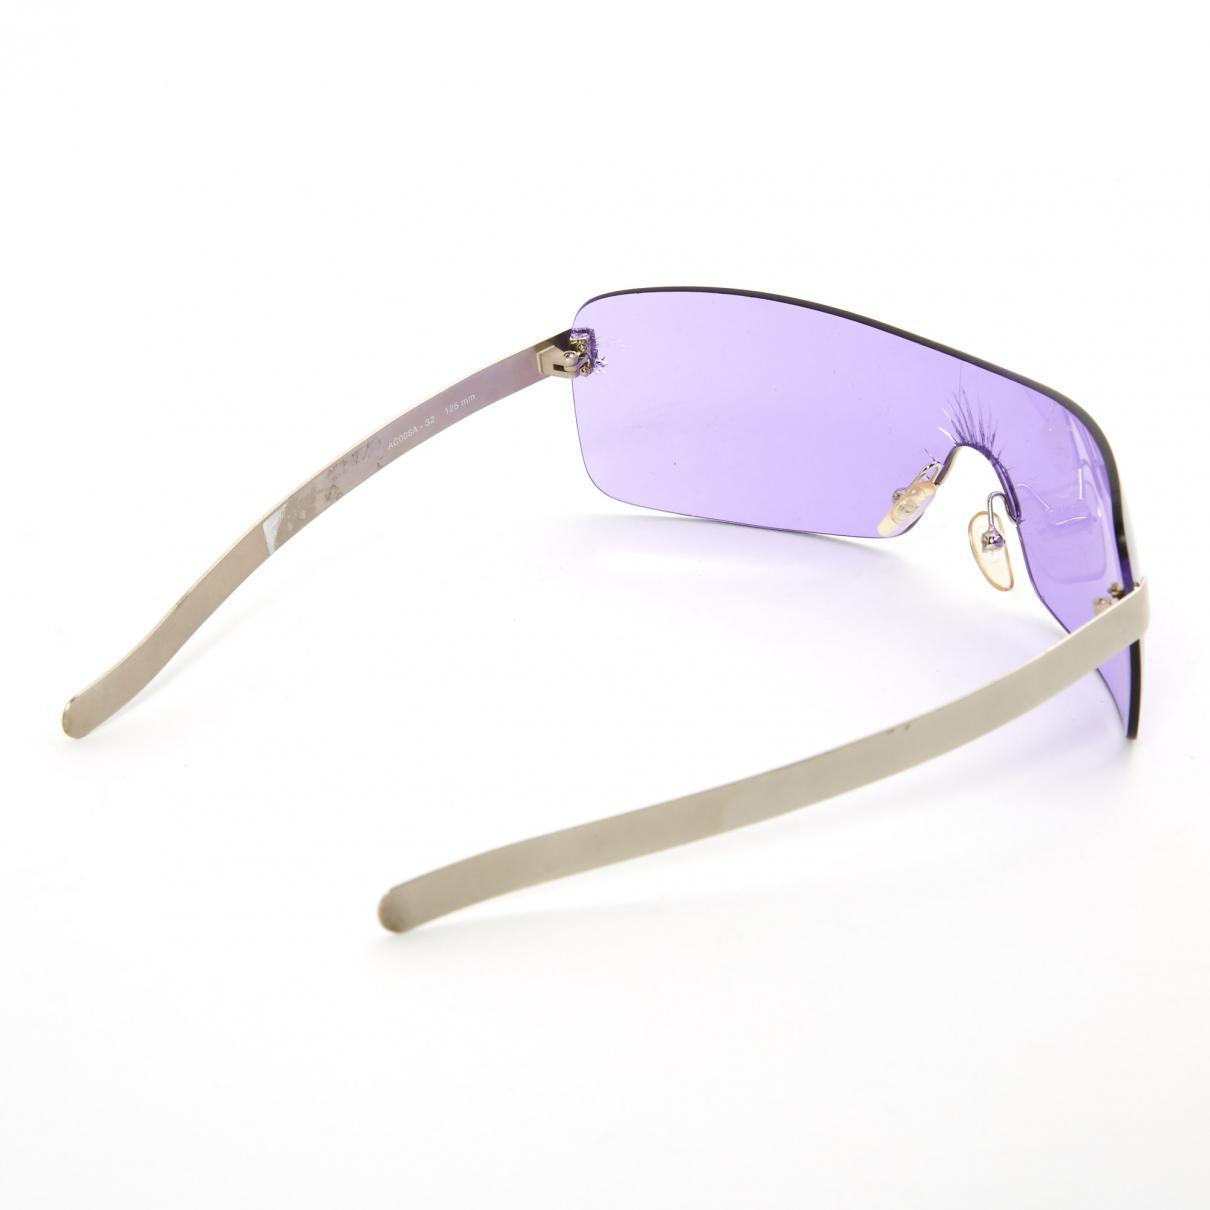 Courreges Sunglasses in Purple